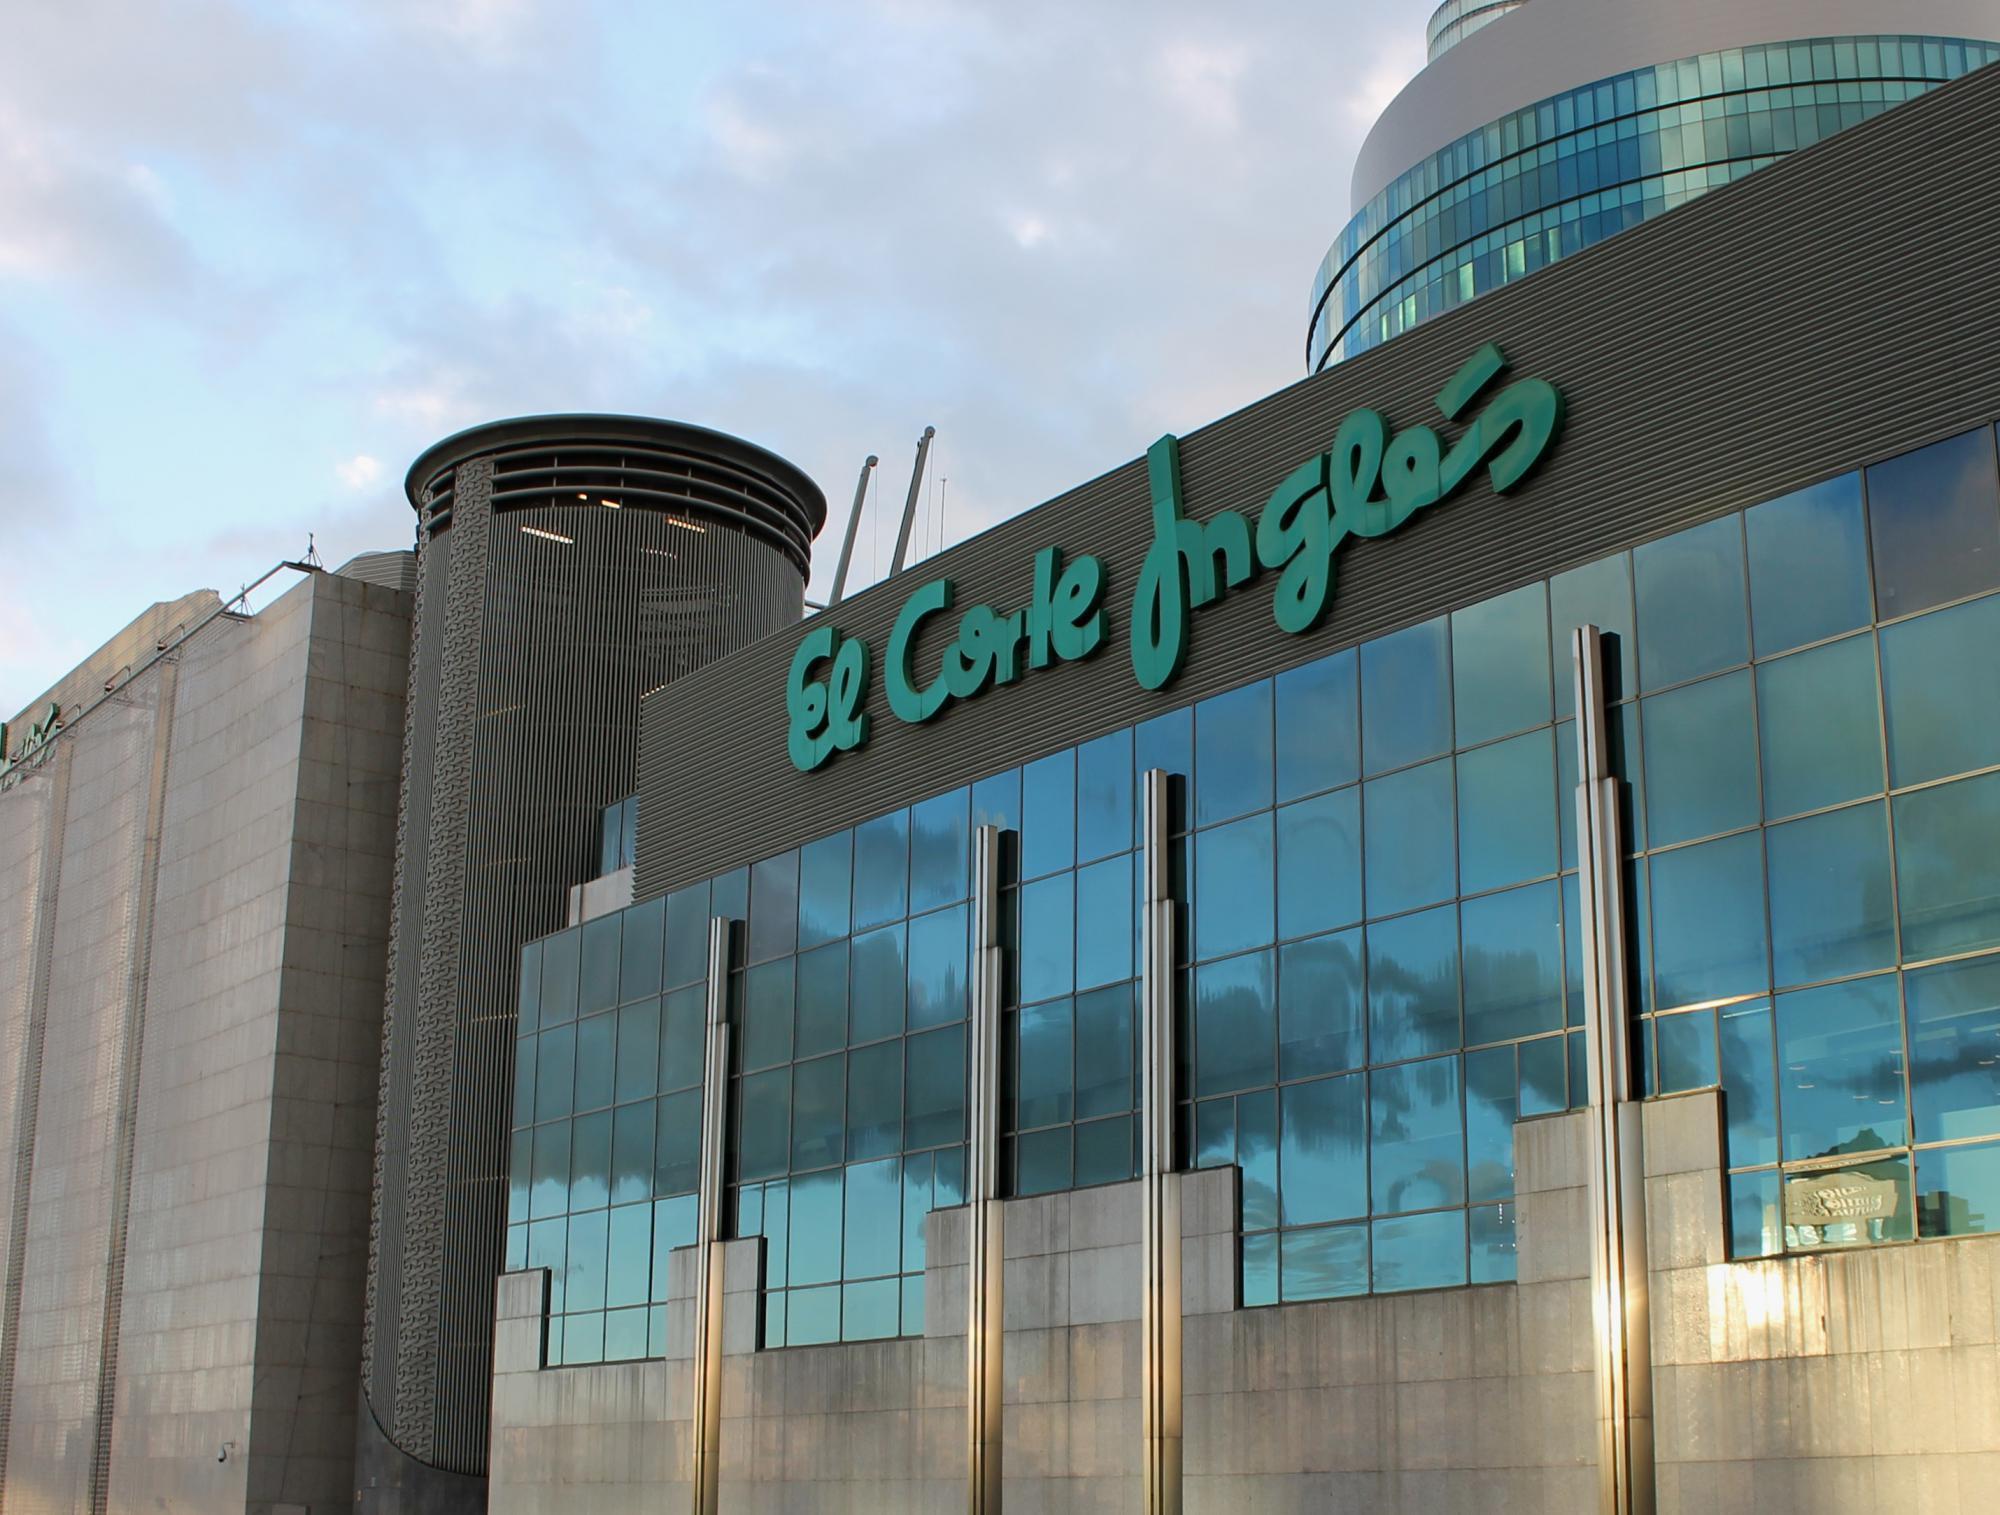 Los ingresos de El Corte Inglés superaron los 15.500 millones de euros / Foto: Luis García